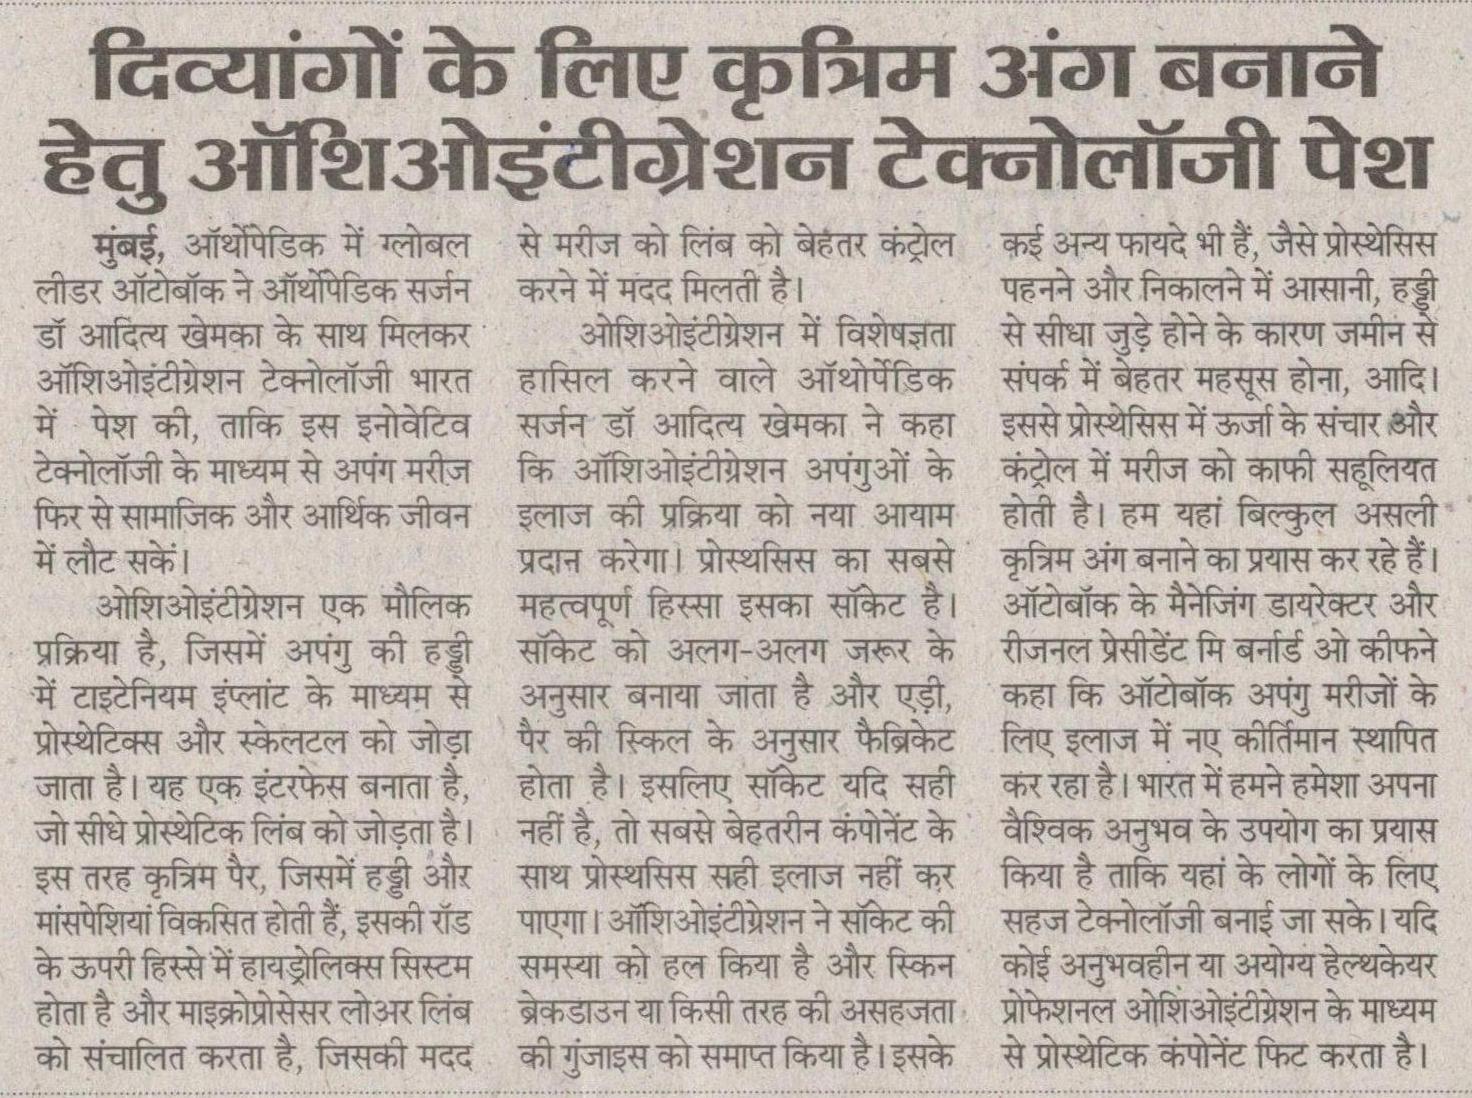 Yashbhoomi news